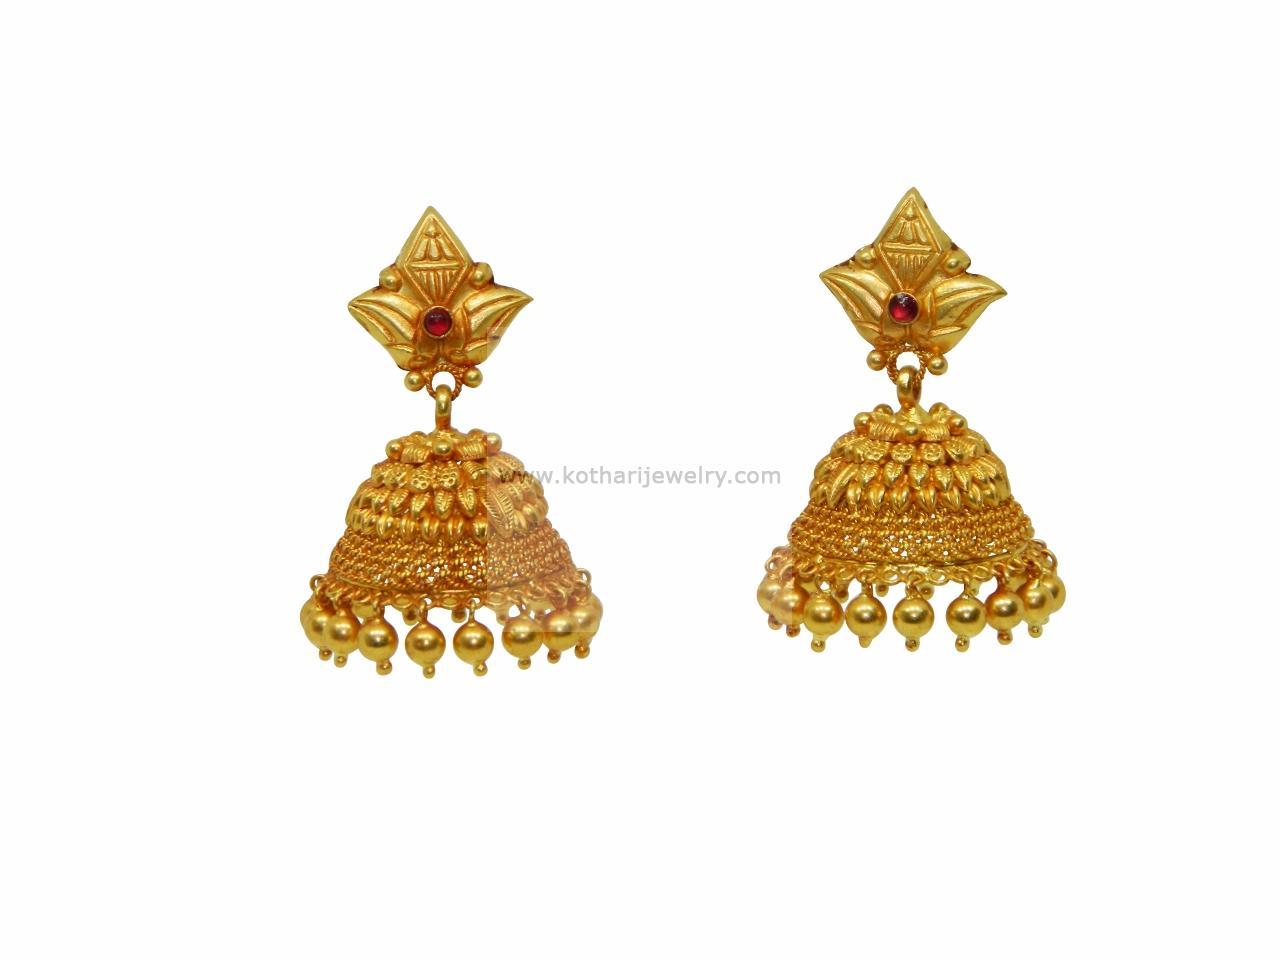 gold earrings gold rings 22kt gold jhumka 22kt gold